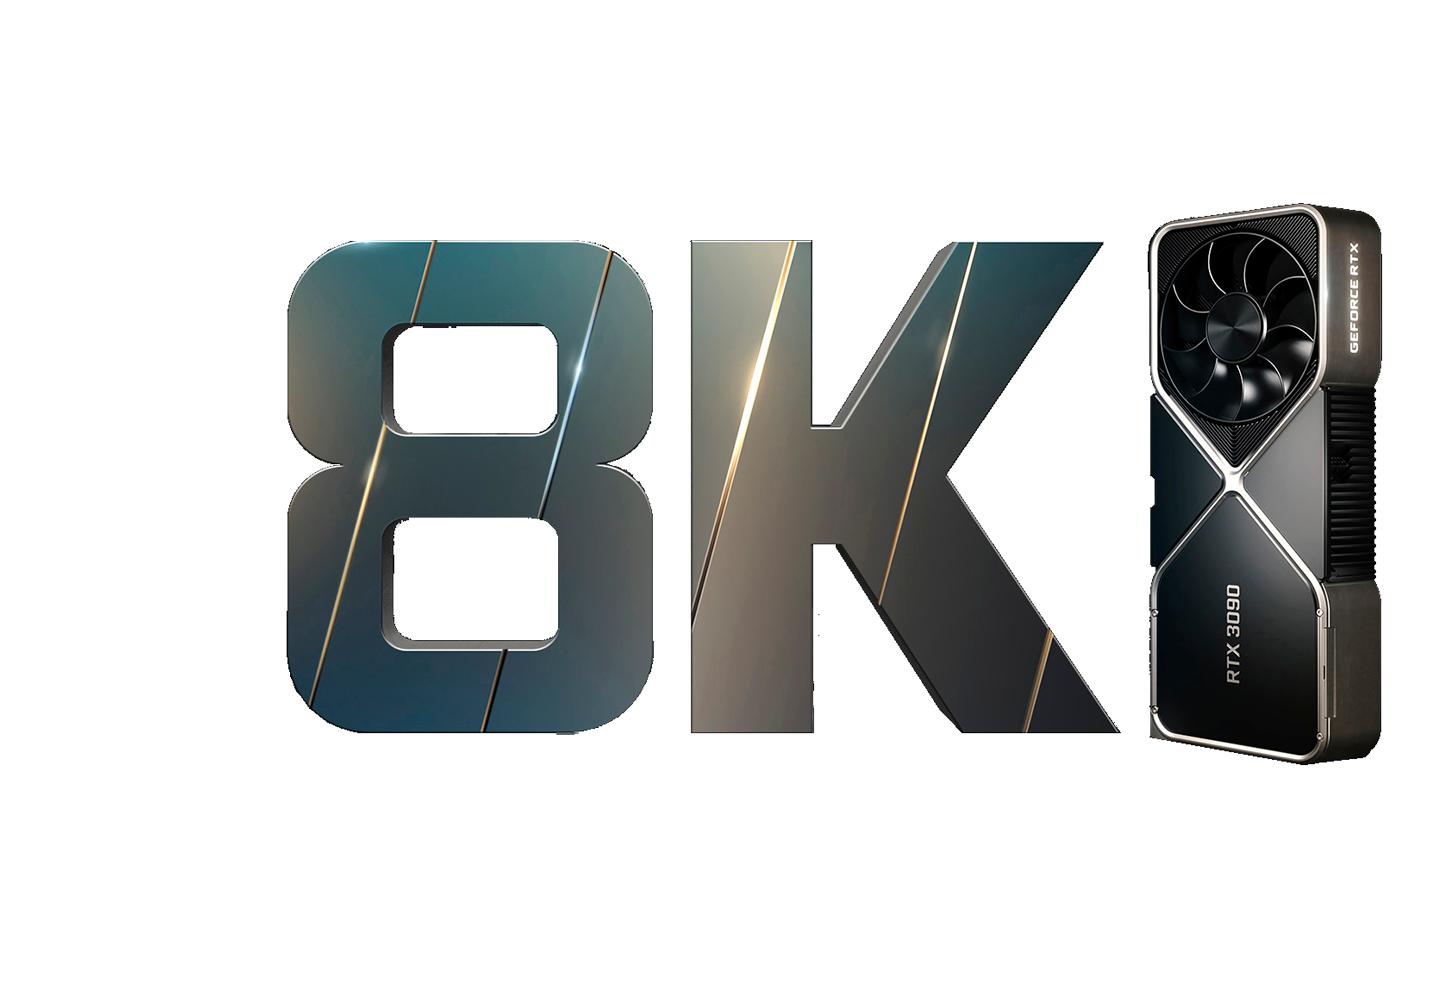 NVIDIA 8K